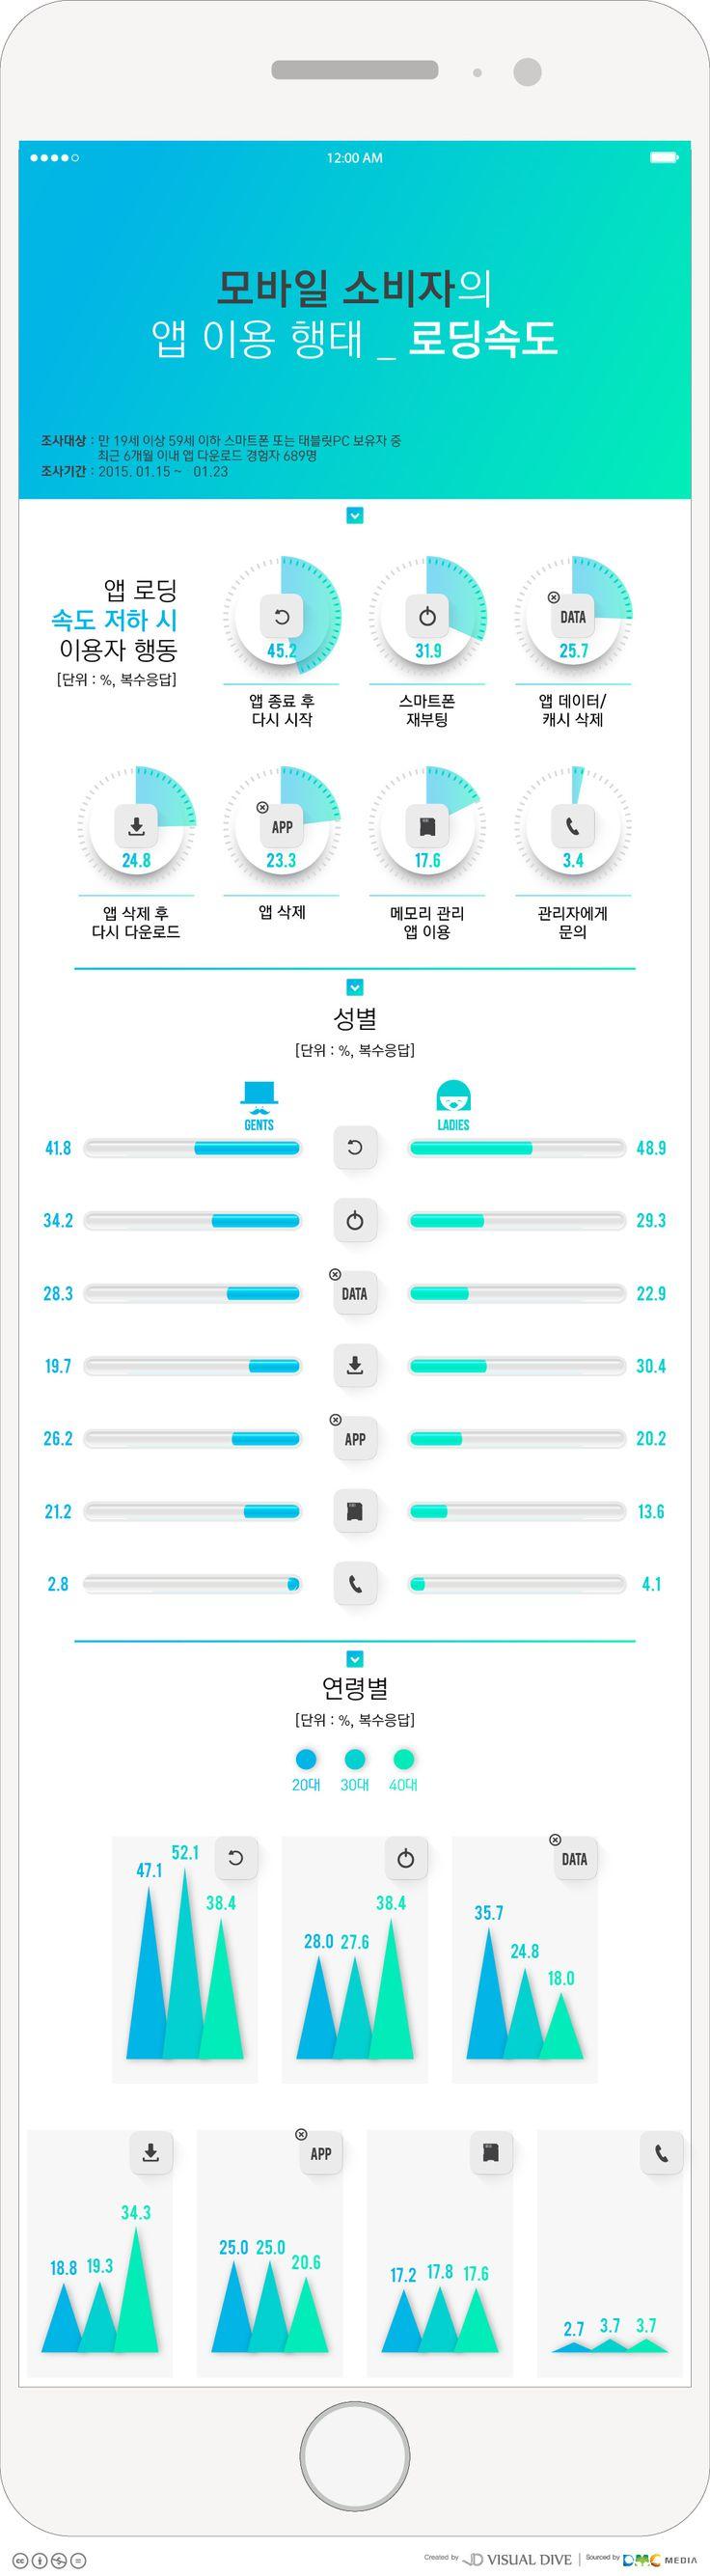 앱 로딩 속도 ↓ …모바일 소비자의 행동은? [인포그래픽] #Mobile APP / #Infographic ⓒ 비주얼다이브 무단…